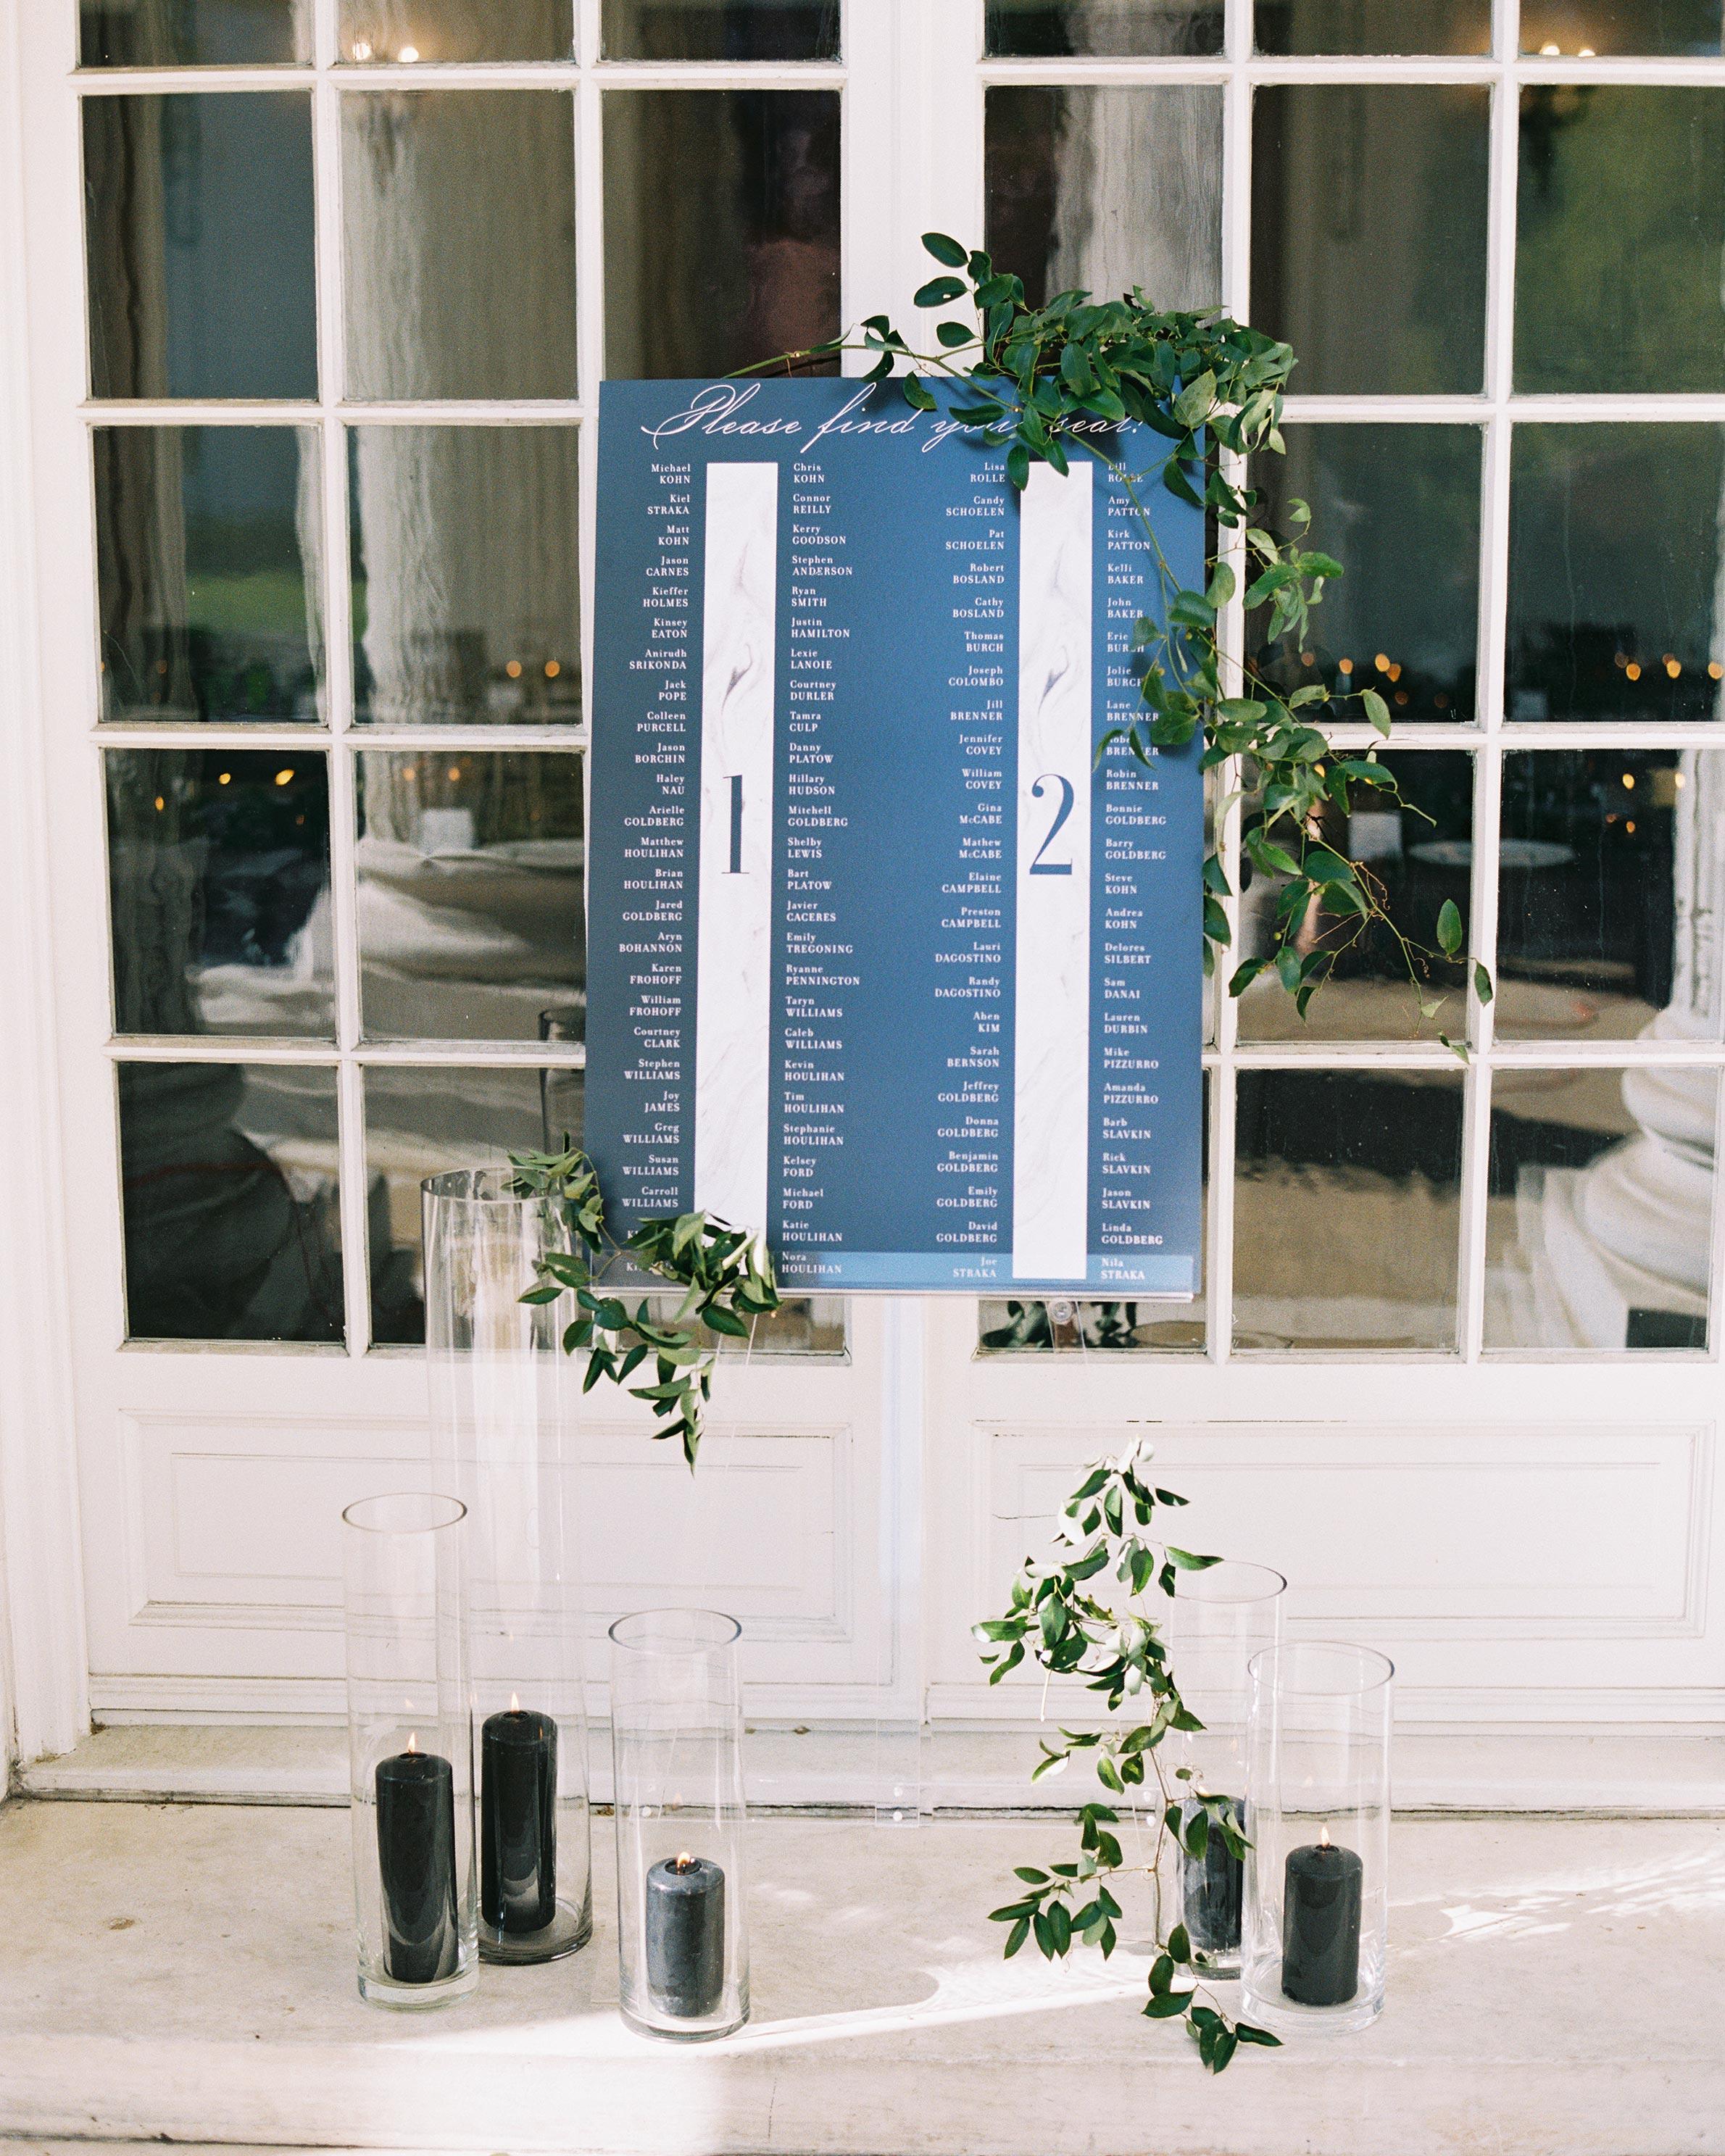 arielle-matt-wedding-seating-chart-89-6134241-0716.jpg